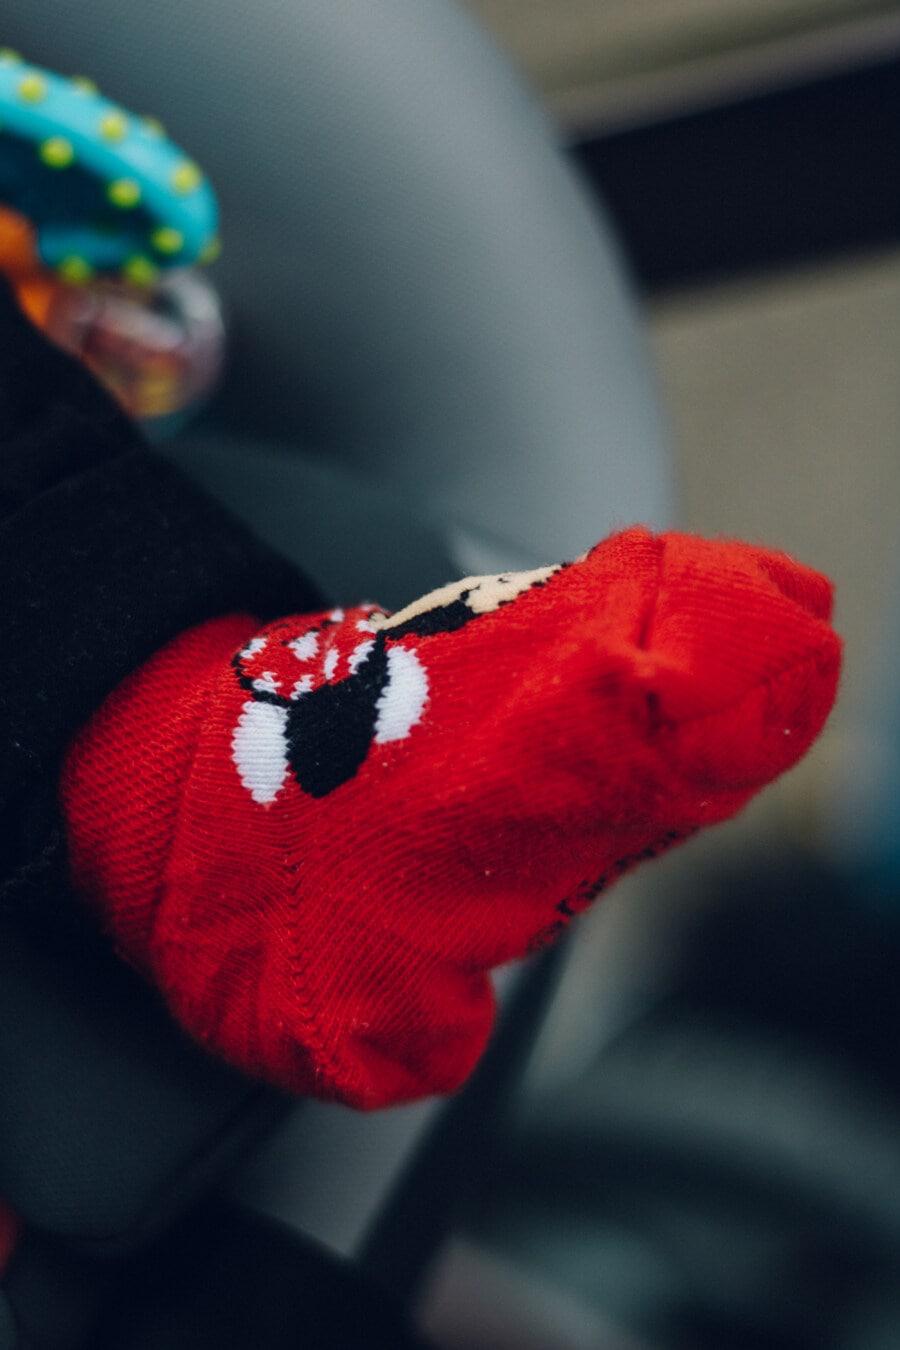 chaussette, rouge, bébé, pied, tricots, jambe, à l'intérieur, brouiller, vêtements, mignon